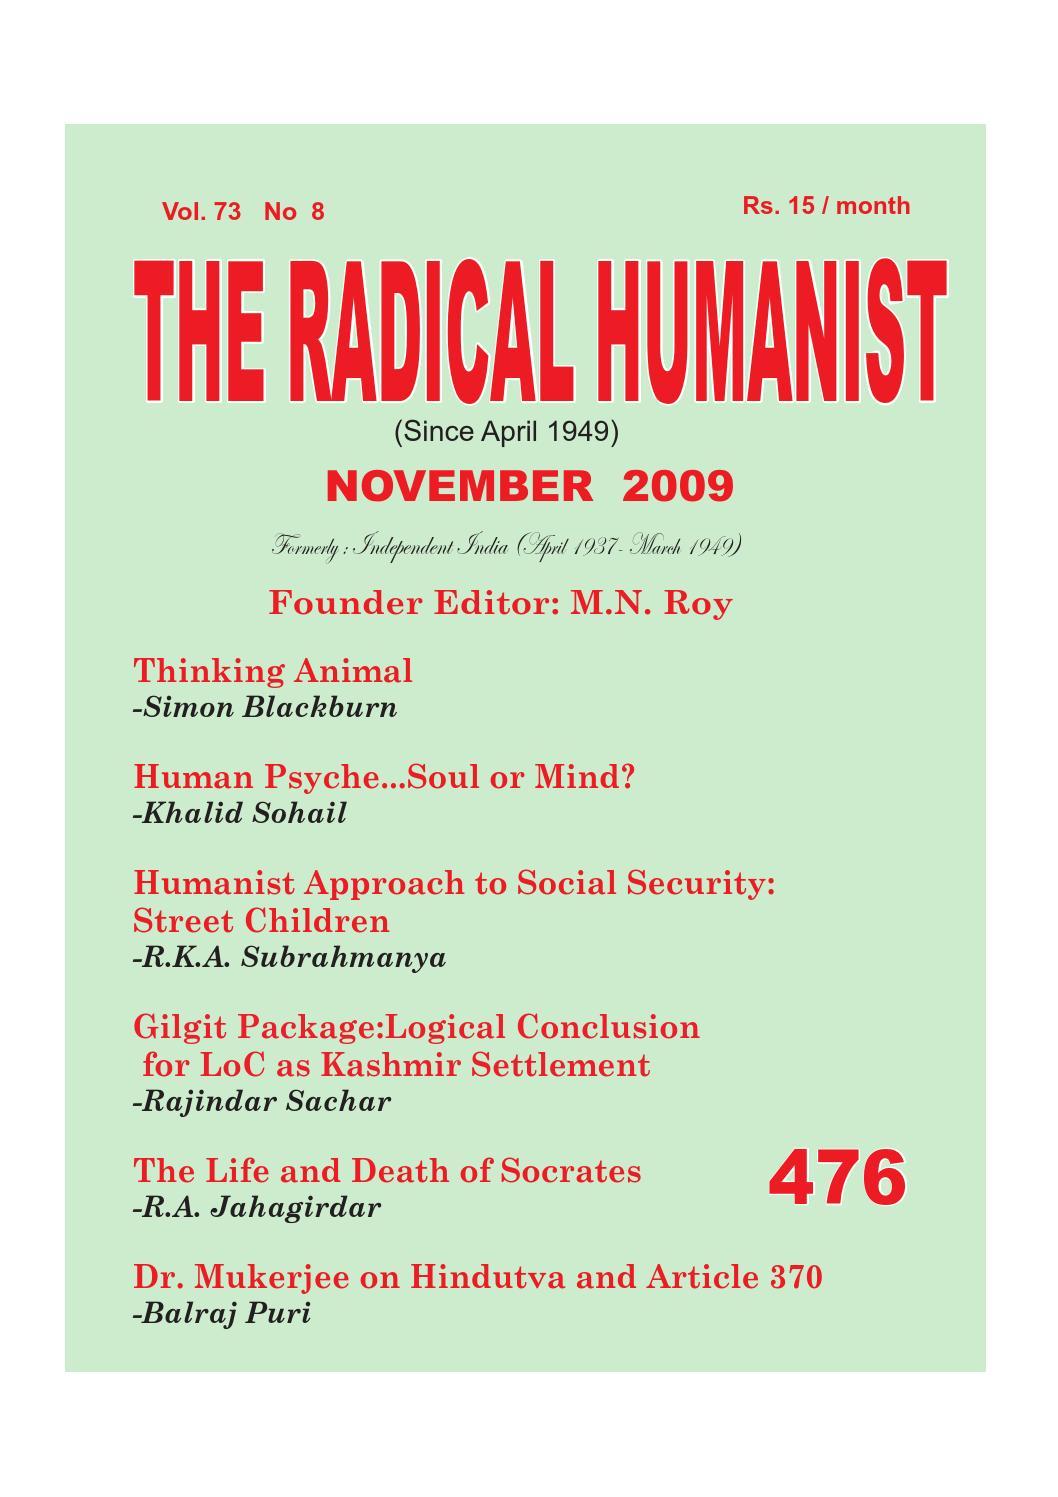 Nov 2009 rh by EDITOR: REKHA SARASWAT - issuu